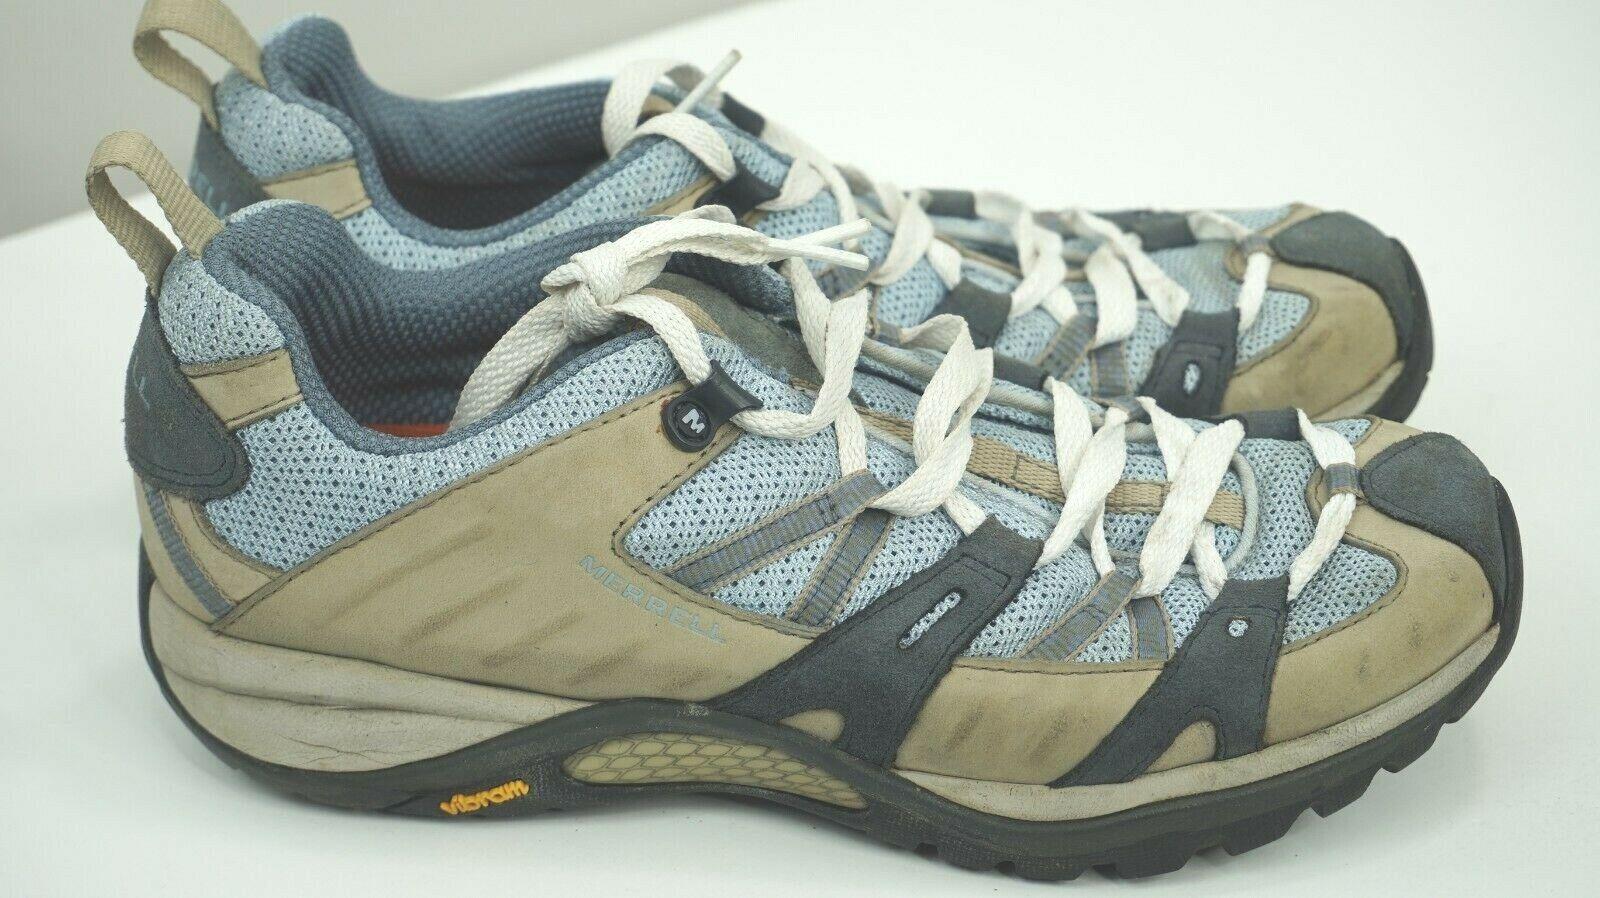 Womens Merrell Continuum Hiking shoes Sneakers 7.5 QForm Air Cushion Vibram bluee